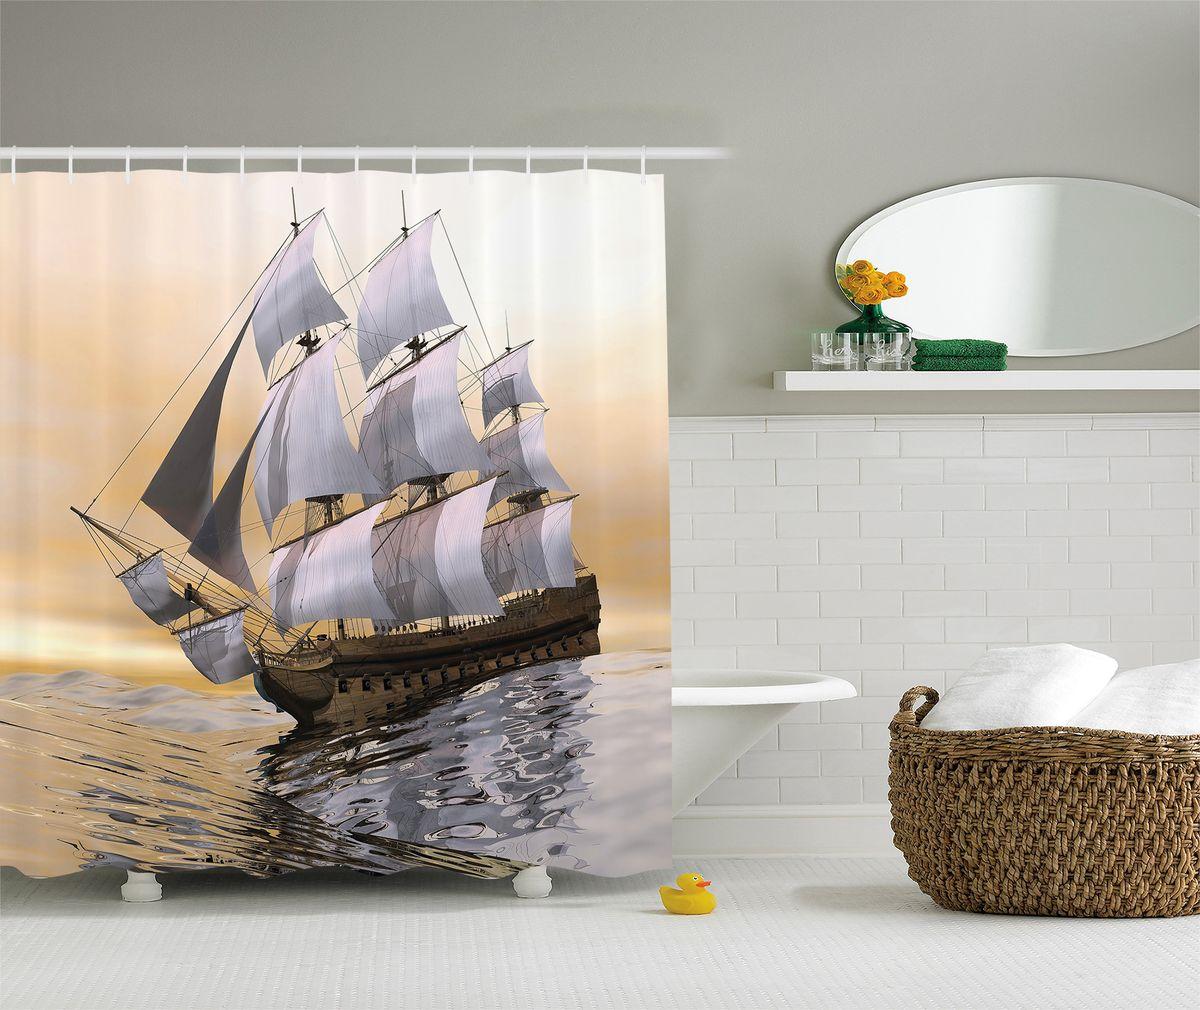 Штора для ванной комнаты Magic Lady Корабль на закате, цвет: бежевый, серый, коричневый, 180 х 200 см391602Штора для ванной комнаты Magic Lady Корабль на закате изготовлена из высококачественного сатена (полиэстер 100%). При изготовлении используются специальные гипоаллергенные чернила для прямой печати по ткани, безопасные для человека и животных. Штора быстро сохнет, легко моется и обладает повышенной износостойкостью.